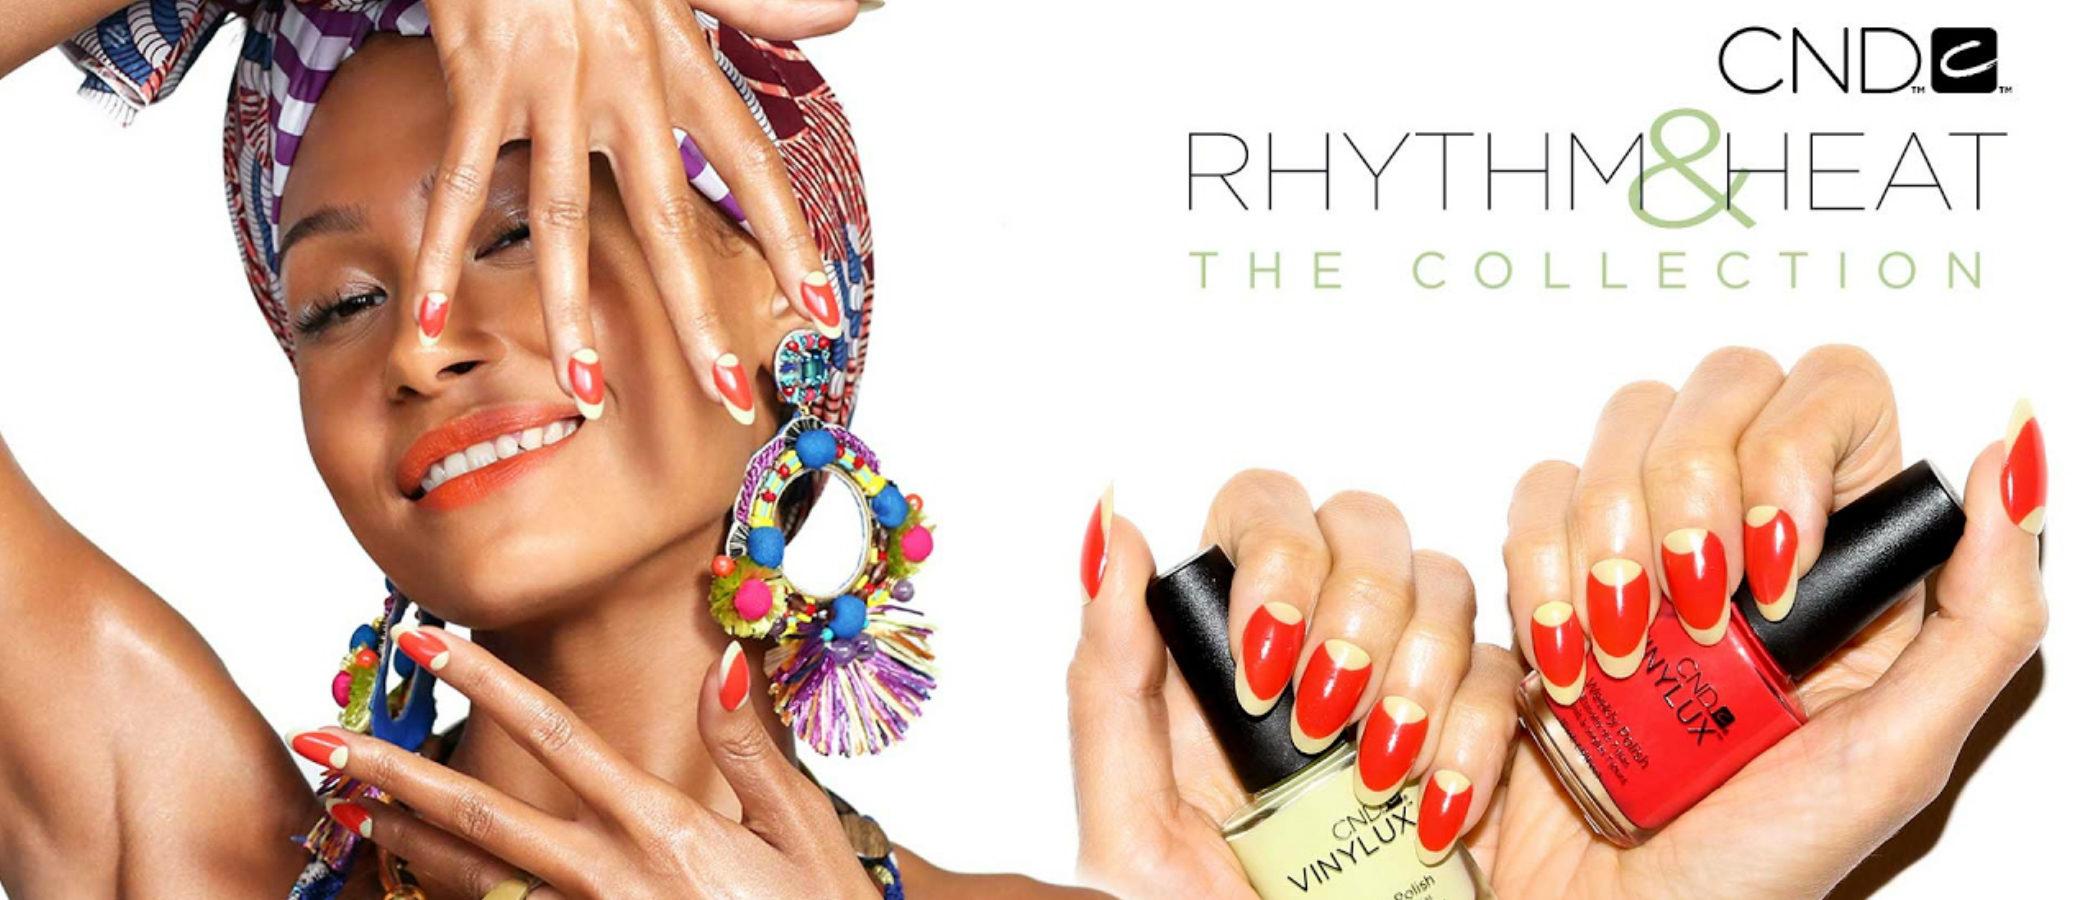 CND presenta 'Rythm&Heat', una colección de lacas de uñas llena de color